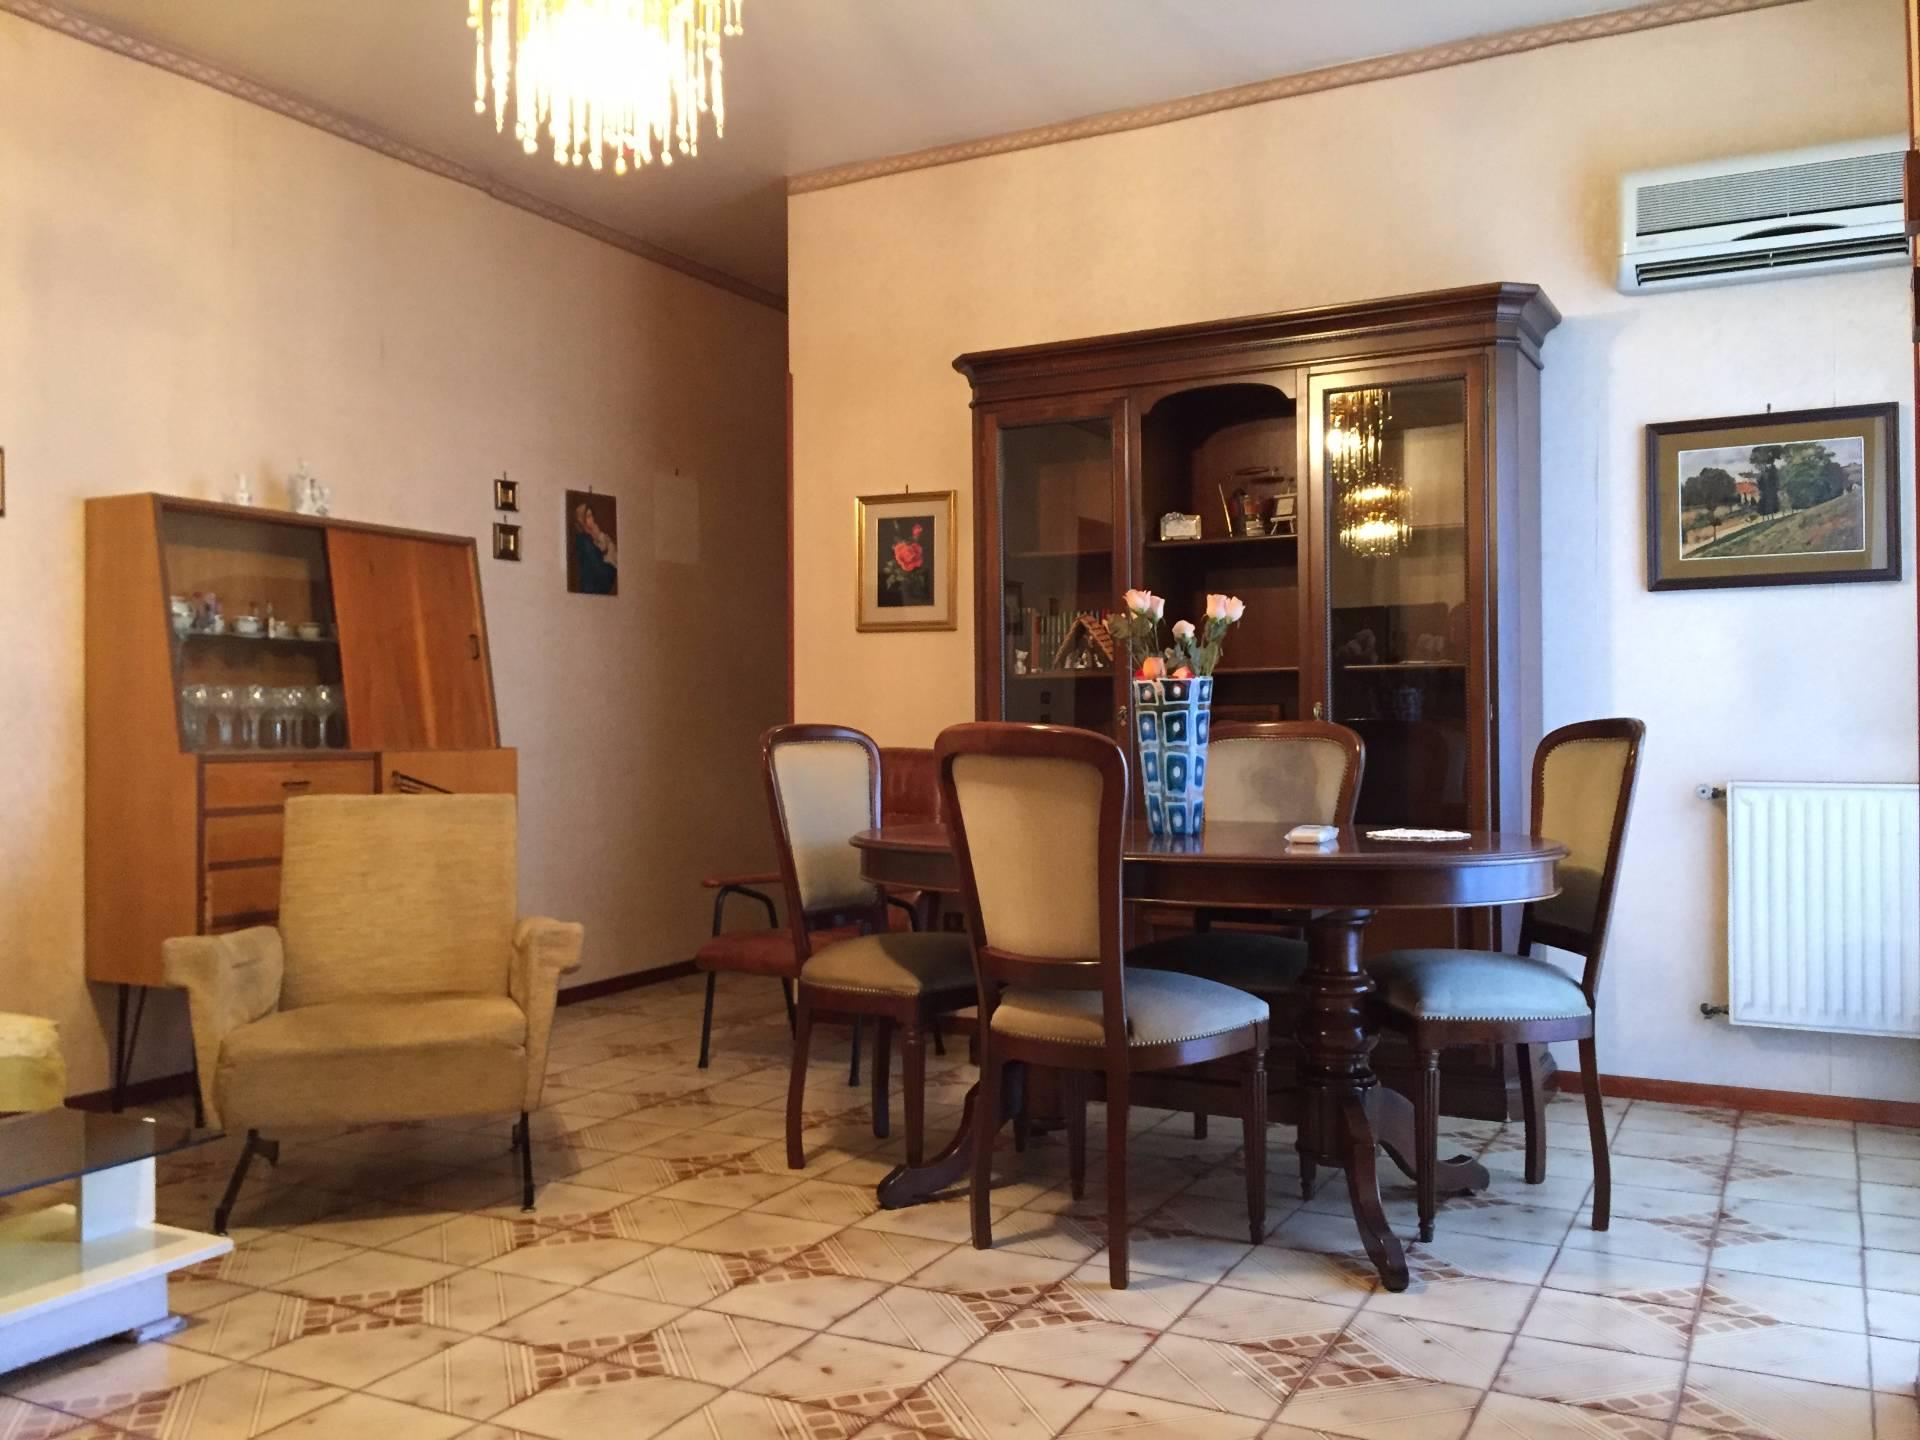 Bilocale Palermo Via Carlo Goldoni 4